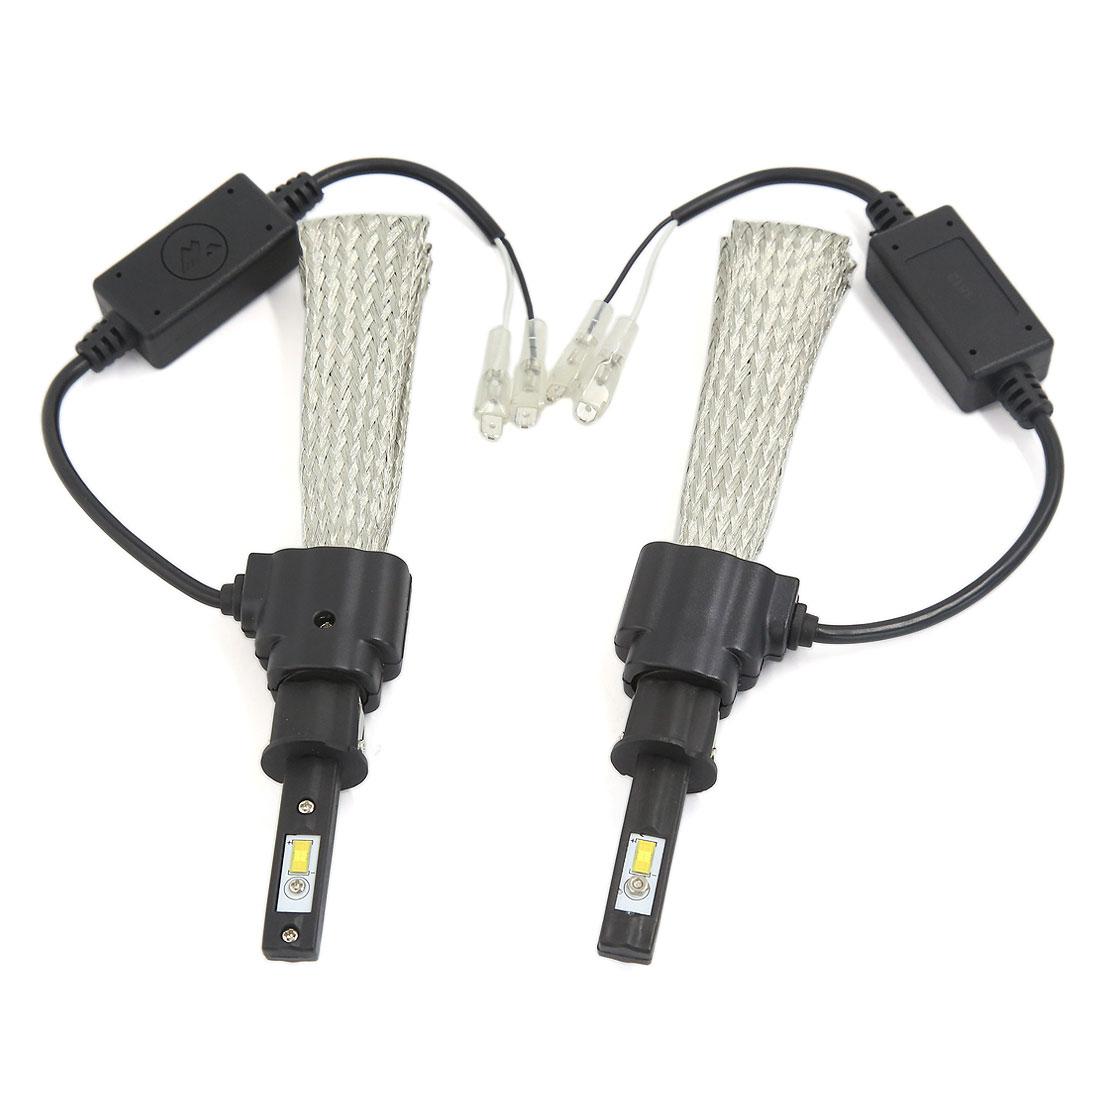 2PCS H3 6000K White 30W 3200LM LED Headlight Conversion Kit w Copper Braid